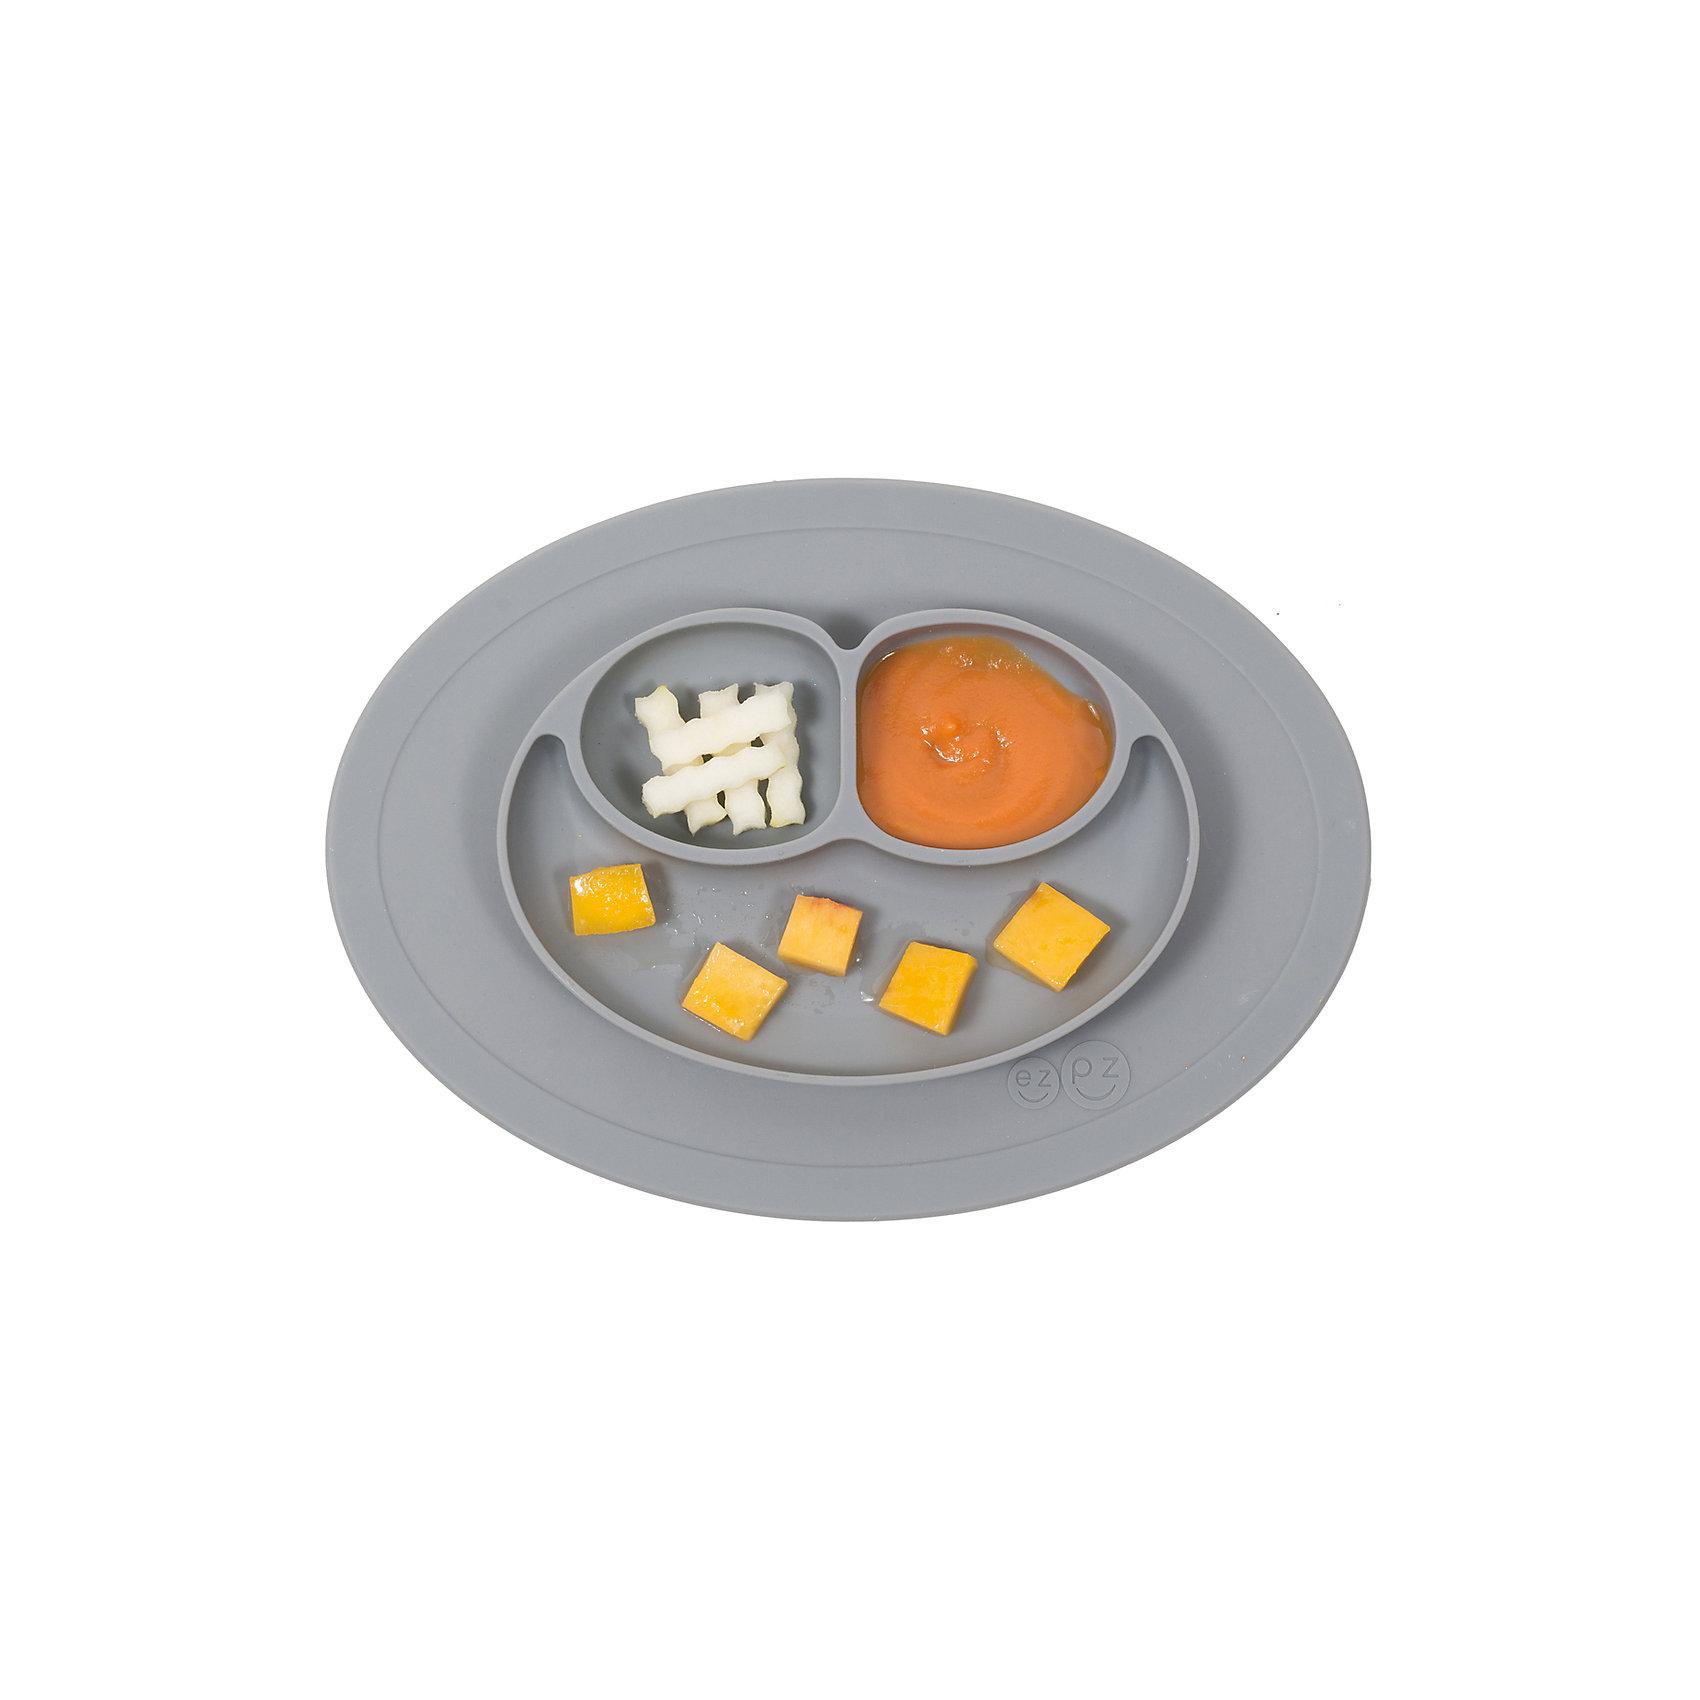 Тарелка малая с подставкой Mini Mat, 240 мл., ezpz, серыйПосуда для малышей<br>Тарелка с подставкой Mini Mat, ezpz, серый.<br><br>Характеристики:<br>• изготовлена из качественного пищевого силикона<br>• надежно крепится к столу<br>• 3 отсека для еды<br>• удобно брать с собой<br>• подходит для посудомоечной машины и микроволновой печи<br>• не содержит бисфенол, свинец, фталаты, поливинилхлорид<br>• приятный дизайн<br>• состав: 100% силикон<br>• размер: 21,5х19,5х2,5 см<br>• объем: 240 мл<br>• цвет: серый<br><br>Тарелка с подставкой Mini Mat, ezpz пригодится, если в доме живут маленькие непоседы. Тарелка имеет 3 глубоких отсека, что позволяет подавать еду раздельно. Вы сможете одновременно подать к столу мясо, гарнир и фрукты, не пачкая лишнюю посуду. Дно тарелки надежно крепится к плоской поверхности - вы можете не переживать, что малыш опрокинет еду и обожжется. Небольшой размер позволит брать тарелку с собой в дорогу. Приятный дизайн тарелки понравится ребенку, и он обязательно будет есть с аппетитом!<br><br><br>Вы можете купить тарелку с подставкой Mini Mat, ezpz, серый в нашем интернет-магазине.<br><br>Ширина мм: 210<br>Глубина мм: 25<br>Высота мм: 195<br>Вес г: 323<br>Возраст от месяцев: 0<br>Возраст до месяцев: 36<br>Пол: Унисекс<br>Возраст: Детский<br>SKU: 5068714